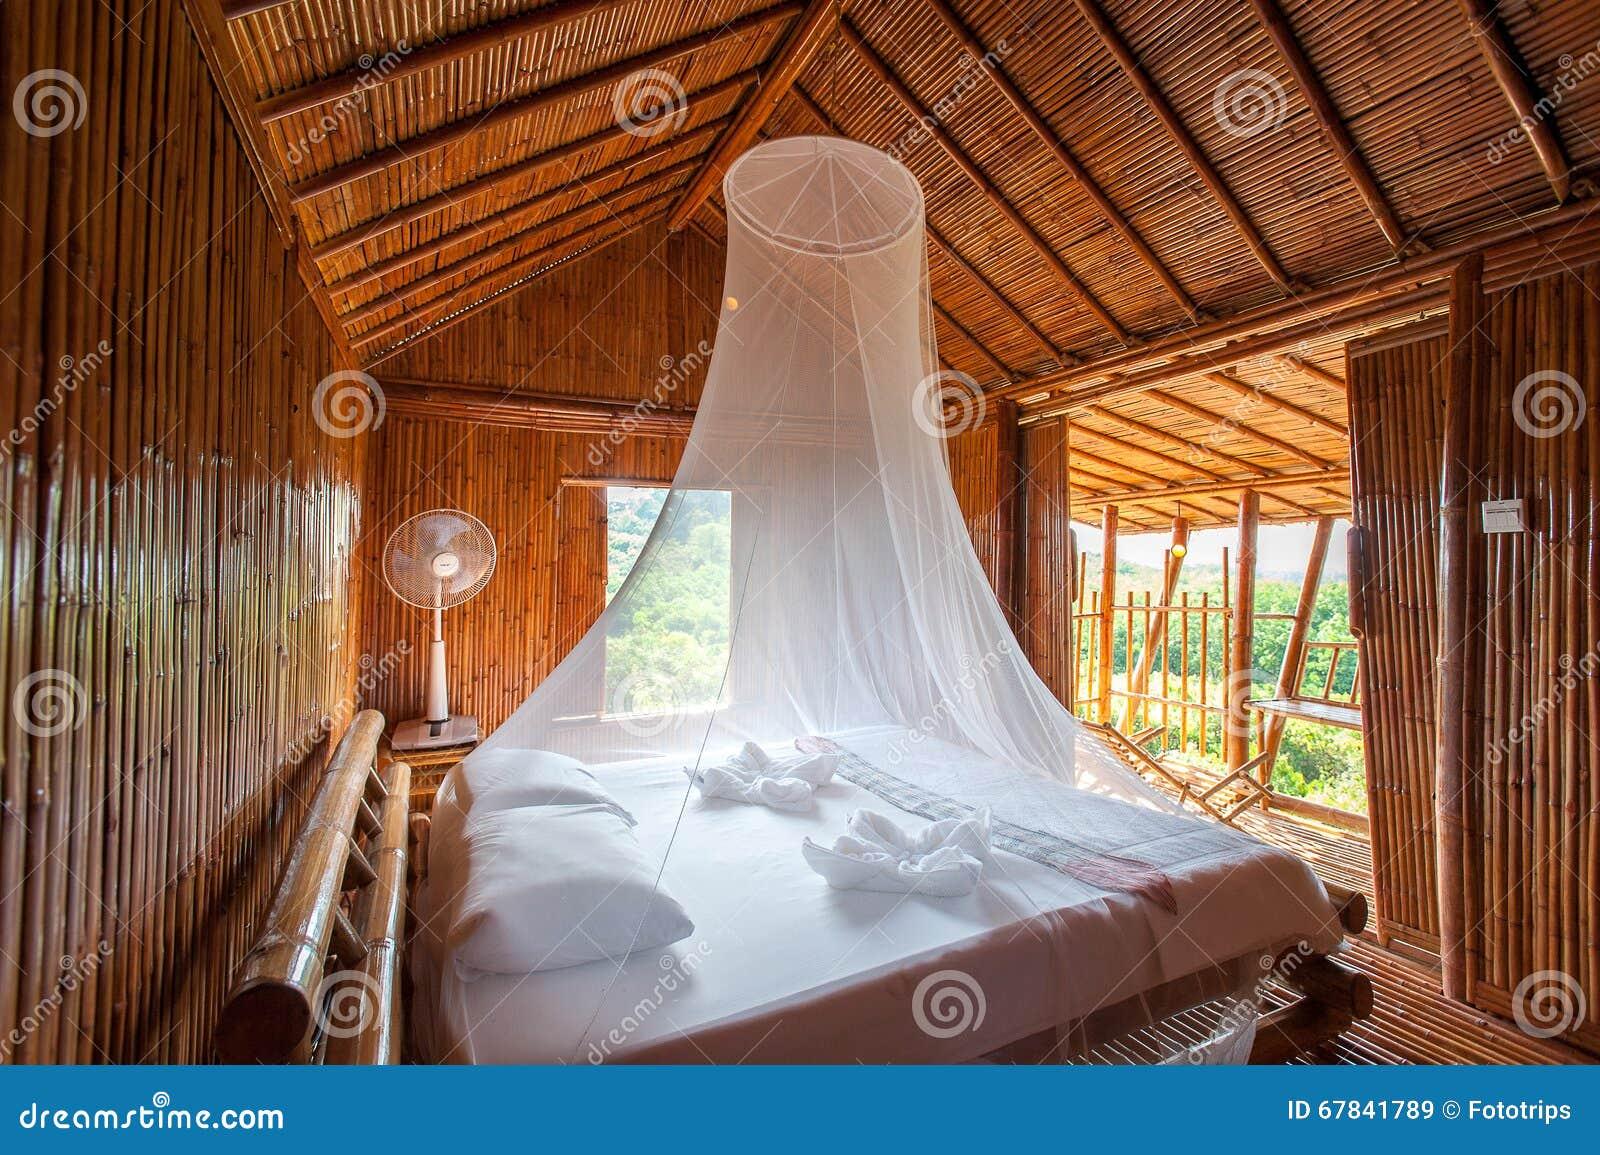 Letto Baldacchino Bambu.Camera Da Letto Rurale Di Stile Con Il Letto Del Baldacchino